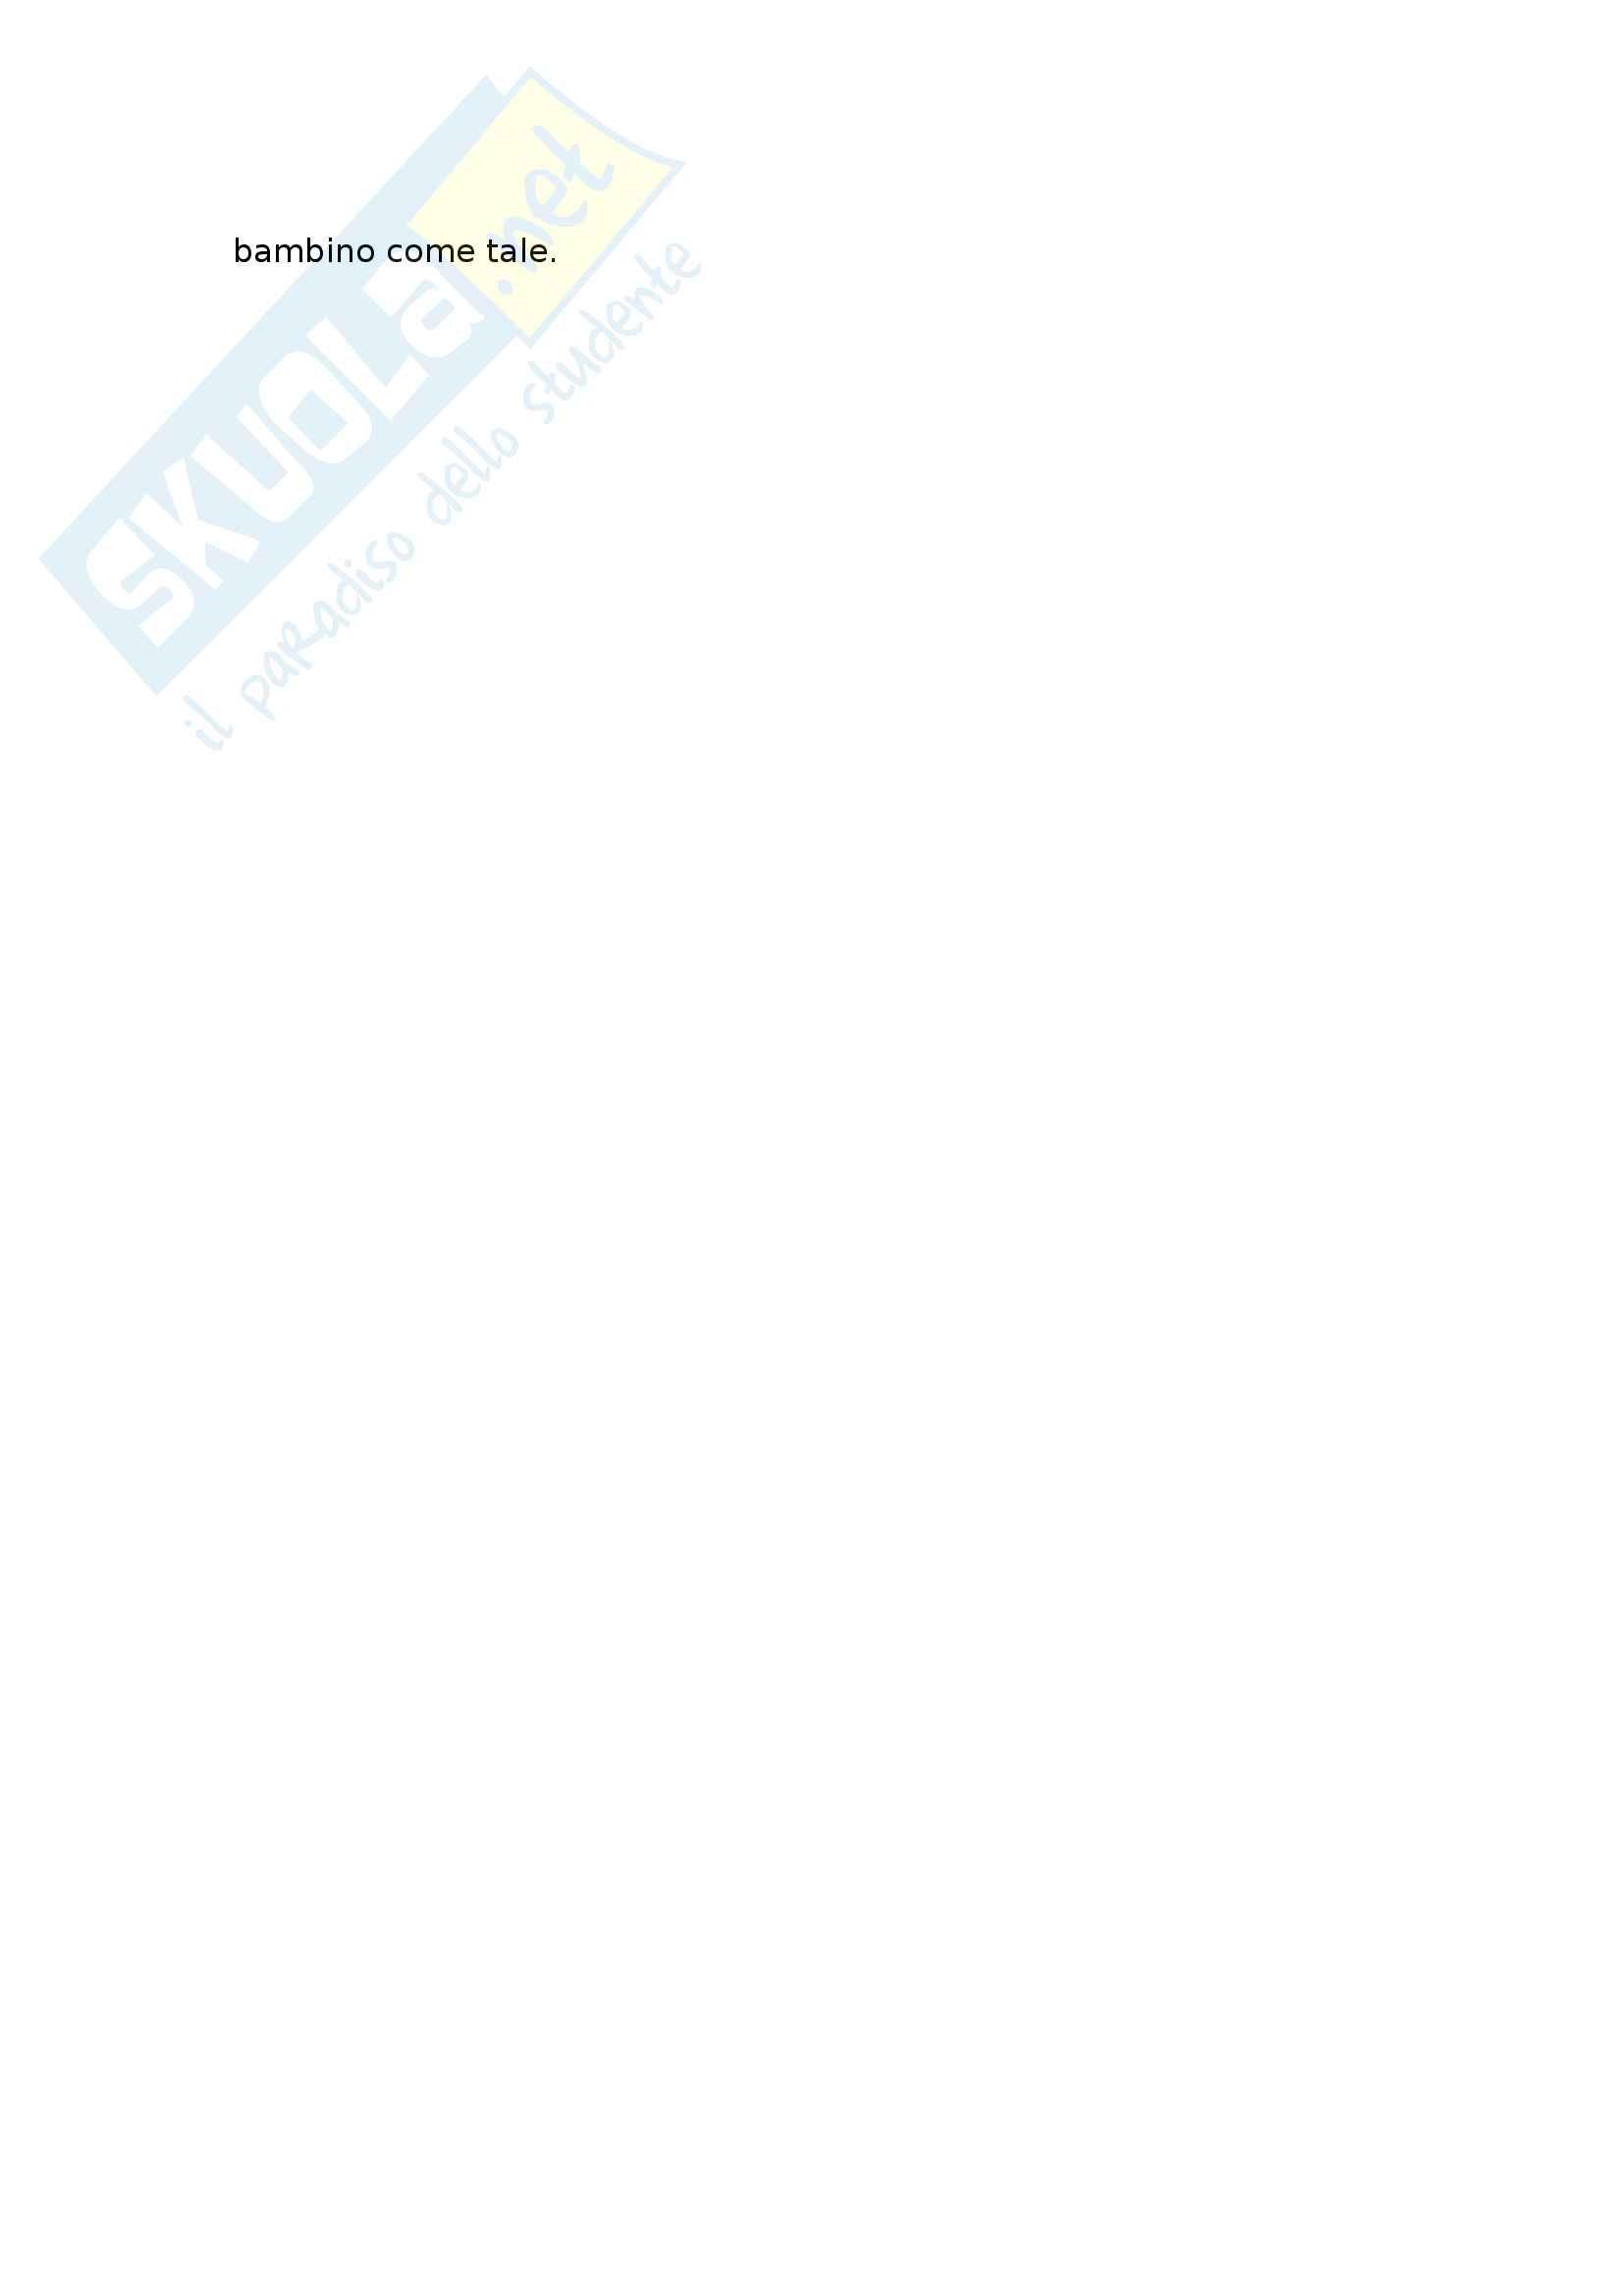 Riassunto esame storia dell'educazione e dell'infanzia, prof. Merlo, libro consigliato Padri e figli nell'Europa medievale e moderna, Philippe Ariès Pag. 6